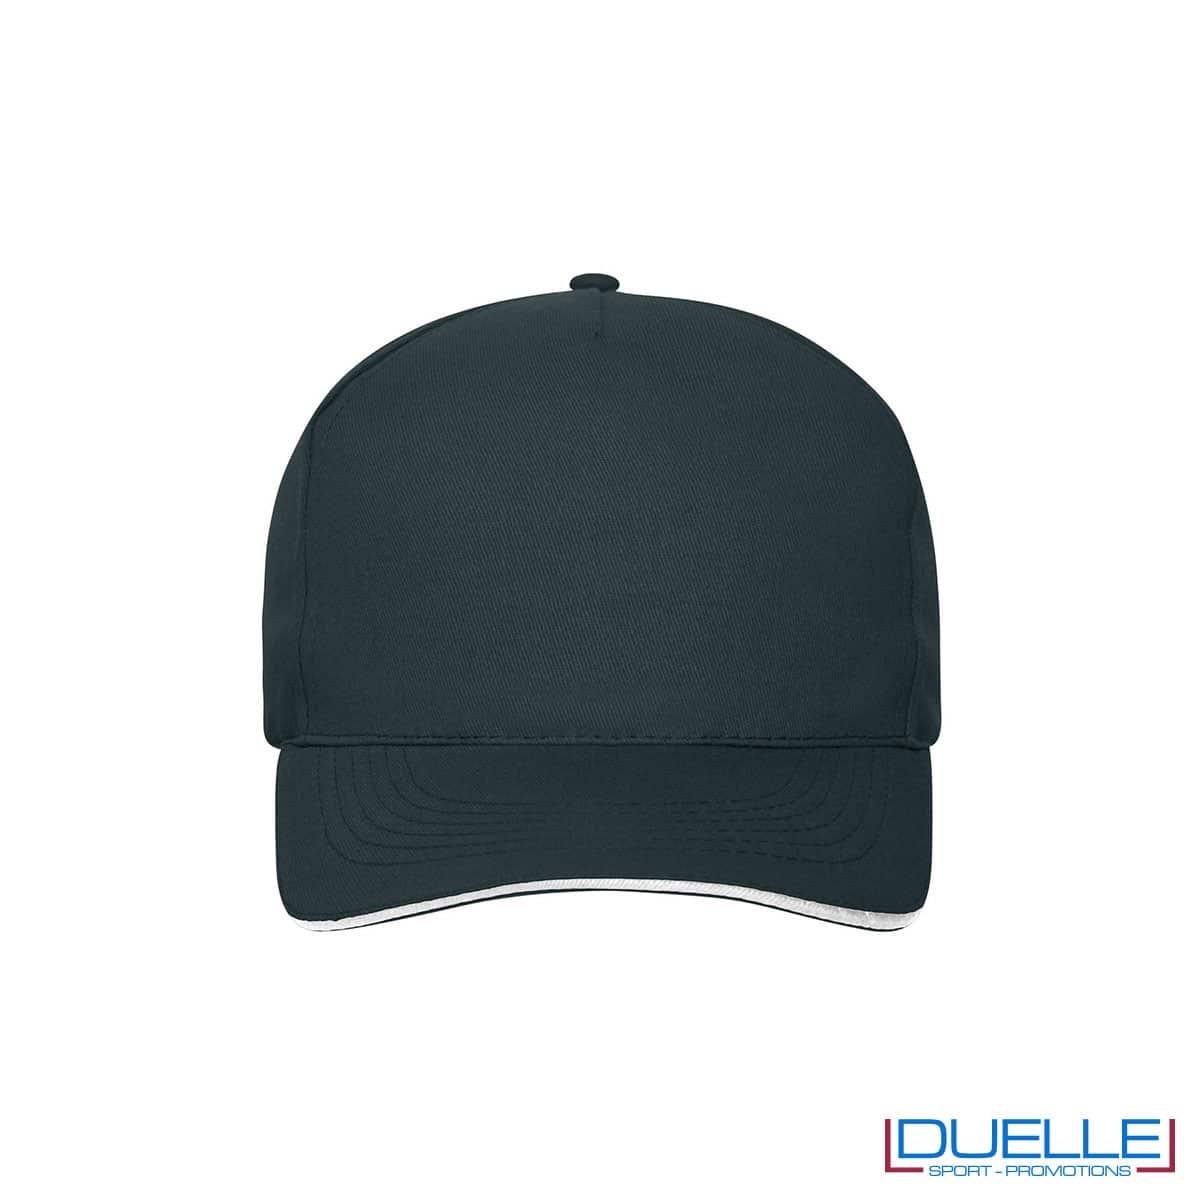 Cappello 100% cotone organico 5 pannelli colore blu navy personalizzato